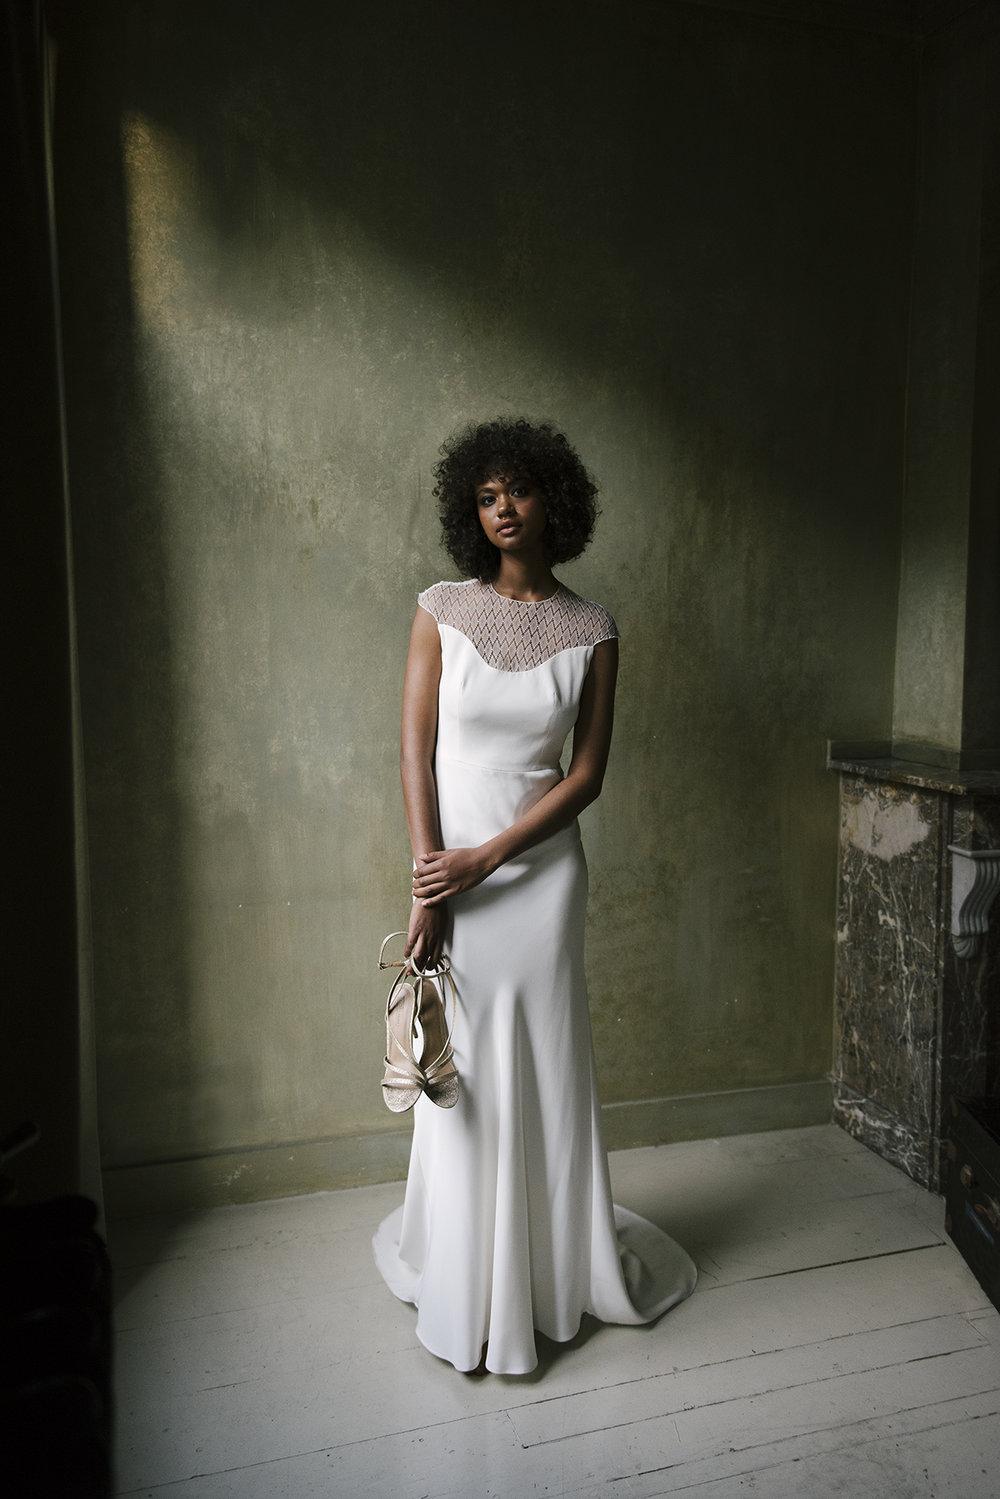 valentine-avoh-robe-mariee-marlene-wedding-dress-bruxelles-photo-elodie-timmermans-43.jpg